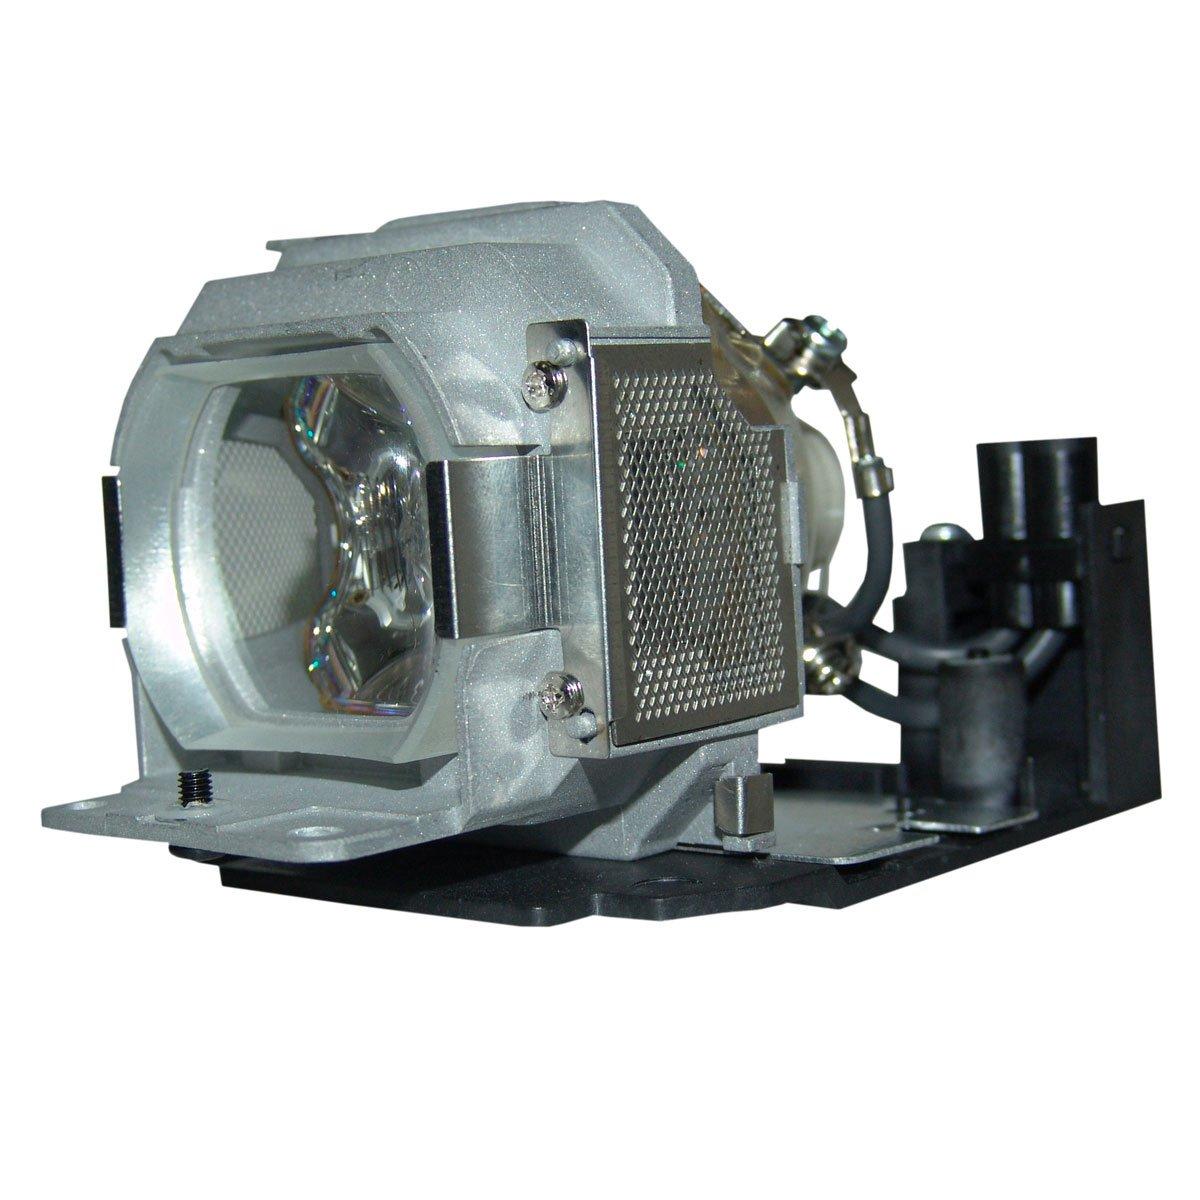 オリジナルフィリップスプロジェクター交換用ランプ ソニー VPL-EX5用 Platinum (Brighter/Durable) Platinum (Brighter/Durable) Lamp with Housing B07L29YVTN